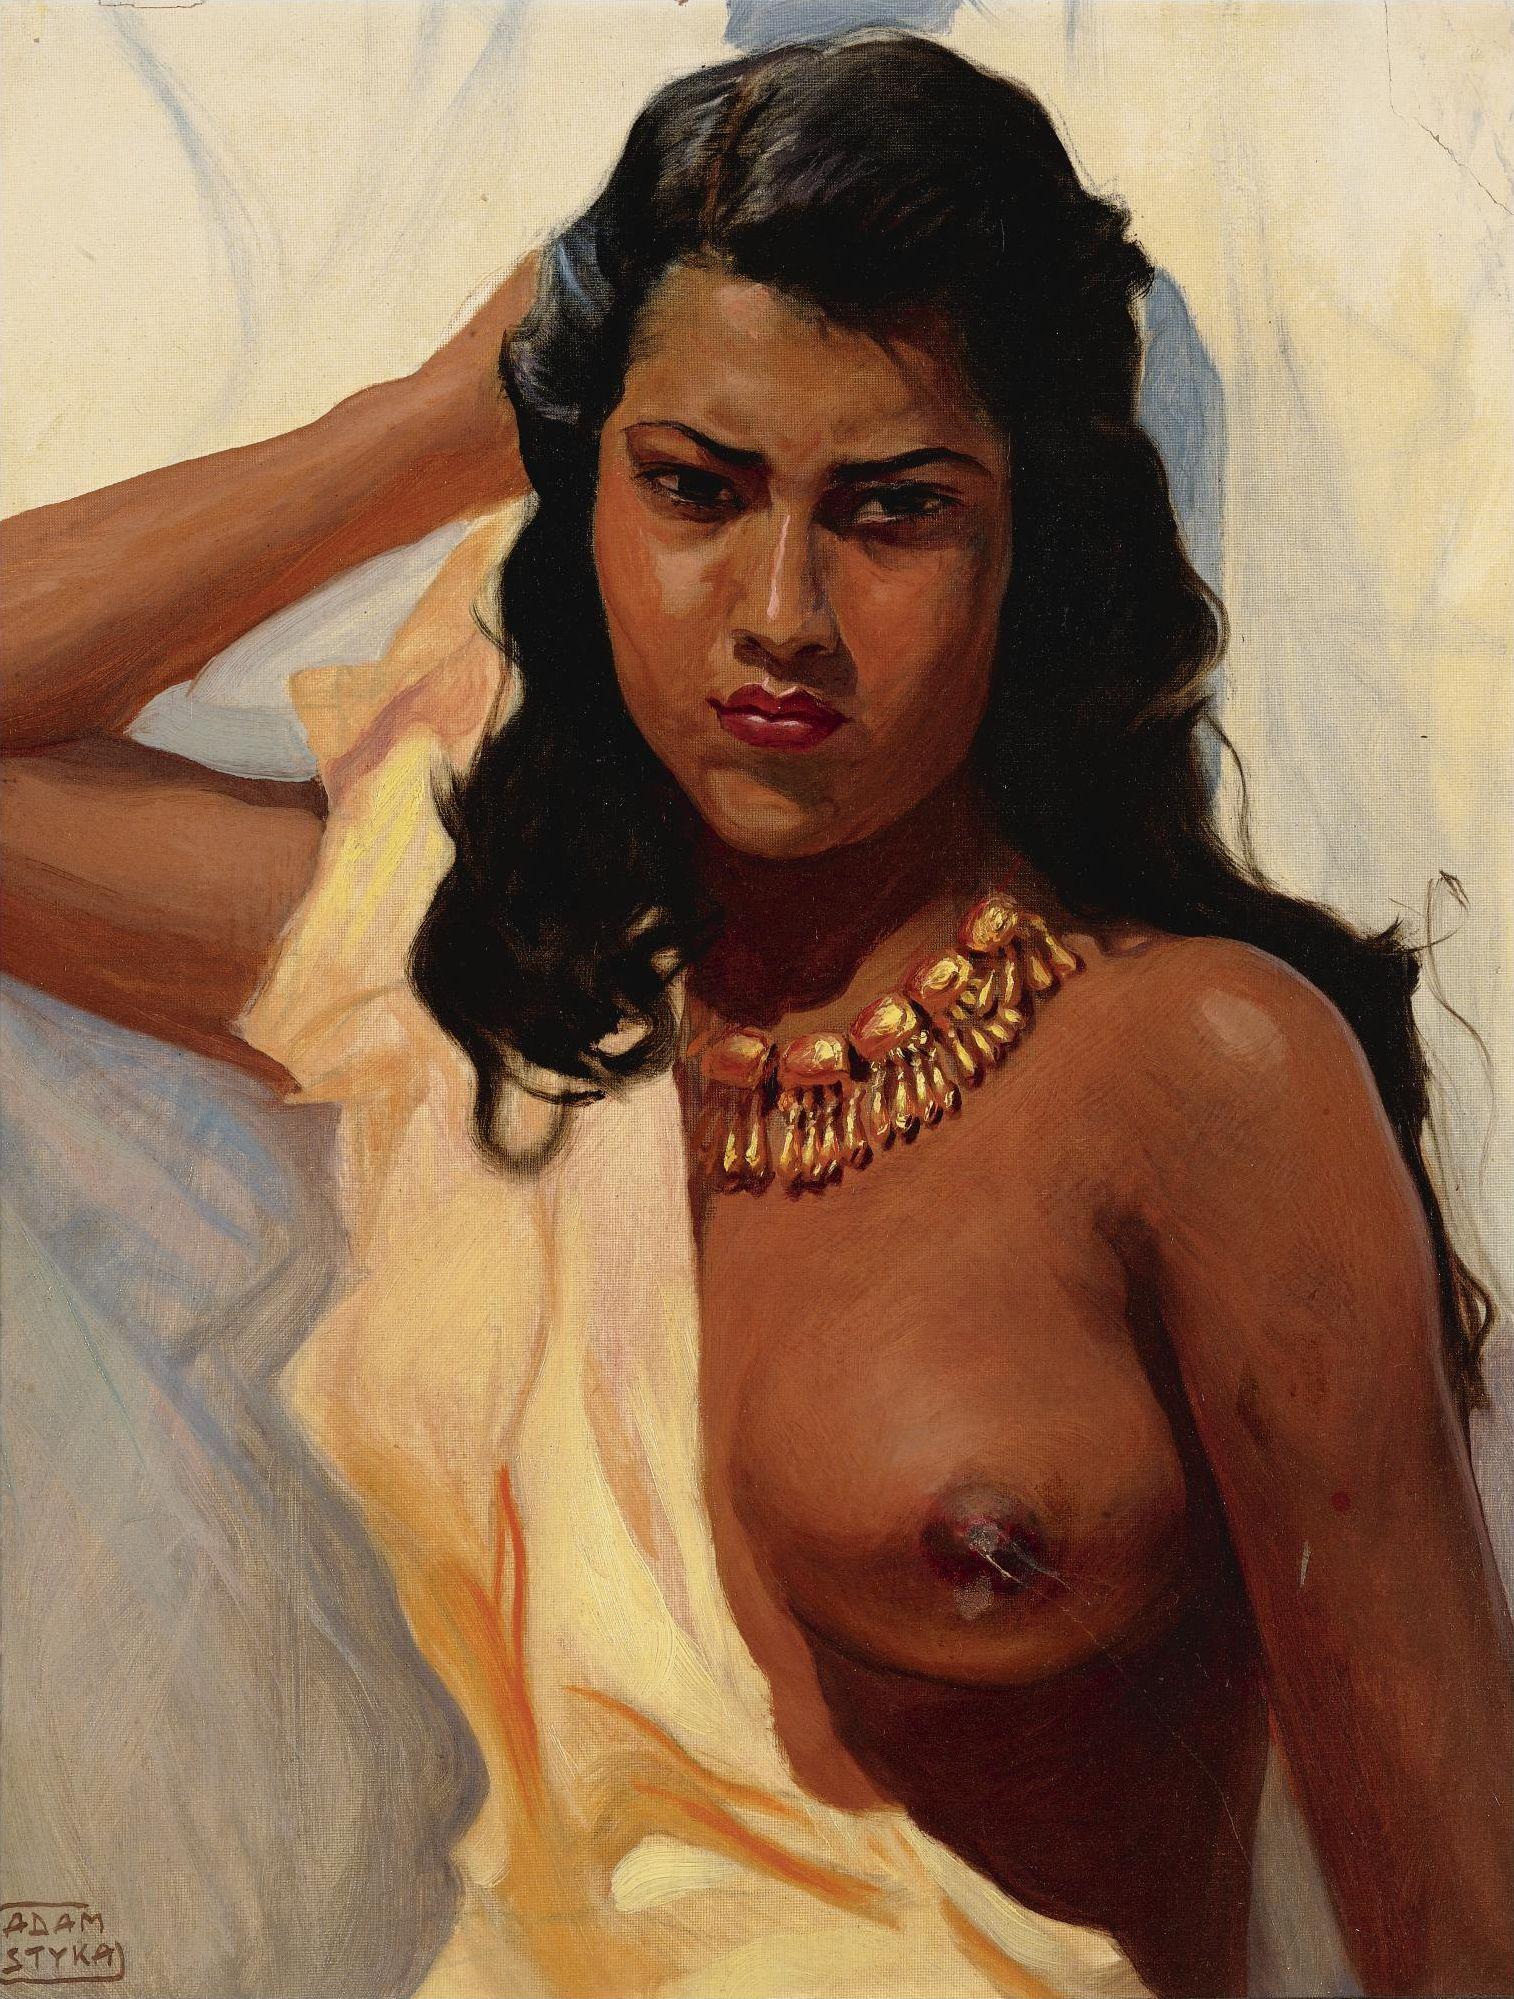 Adam Styka, 1890-1959. Молодая дочь Мексики. 50.8 х 40 см. Частная коллекция